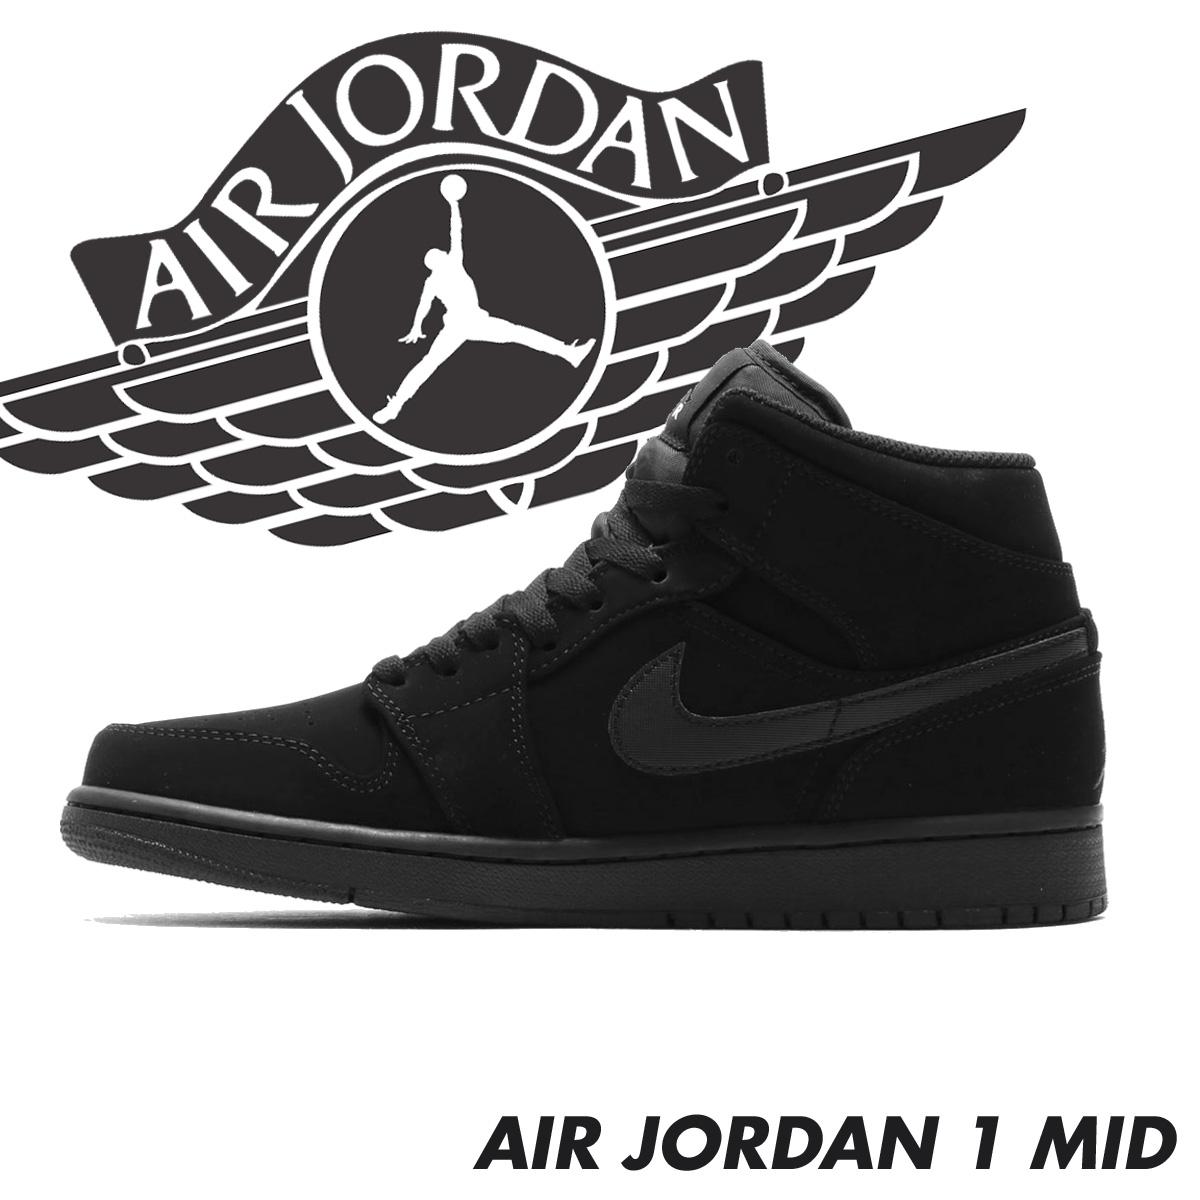 wholesale dealer 8c8a8 7b3bd NIKE AIR JORDAN 1 MID Nike Air Jordan 1 sneakers men 554,724-040 black